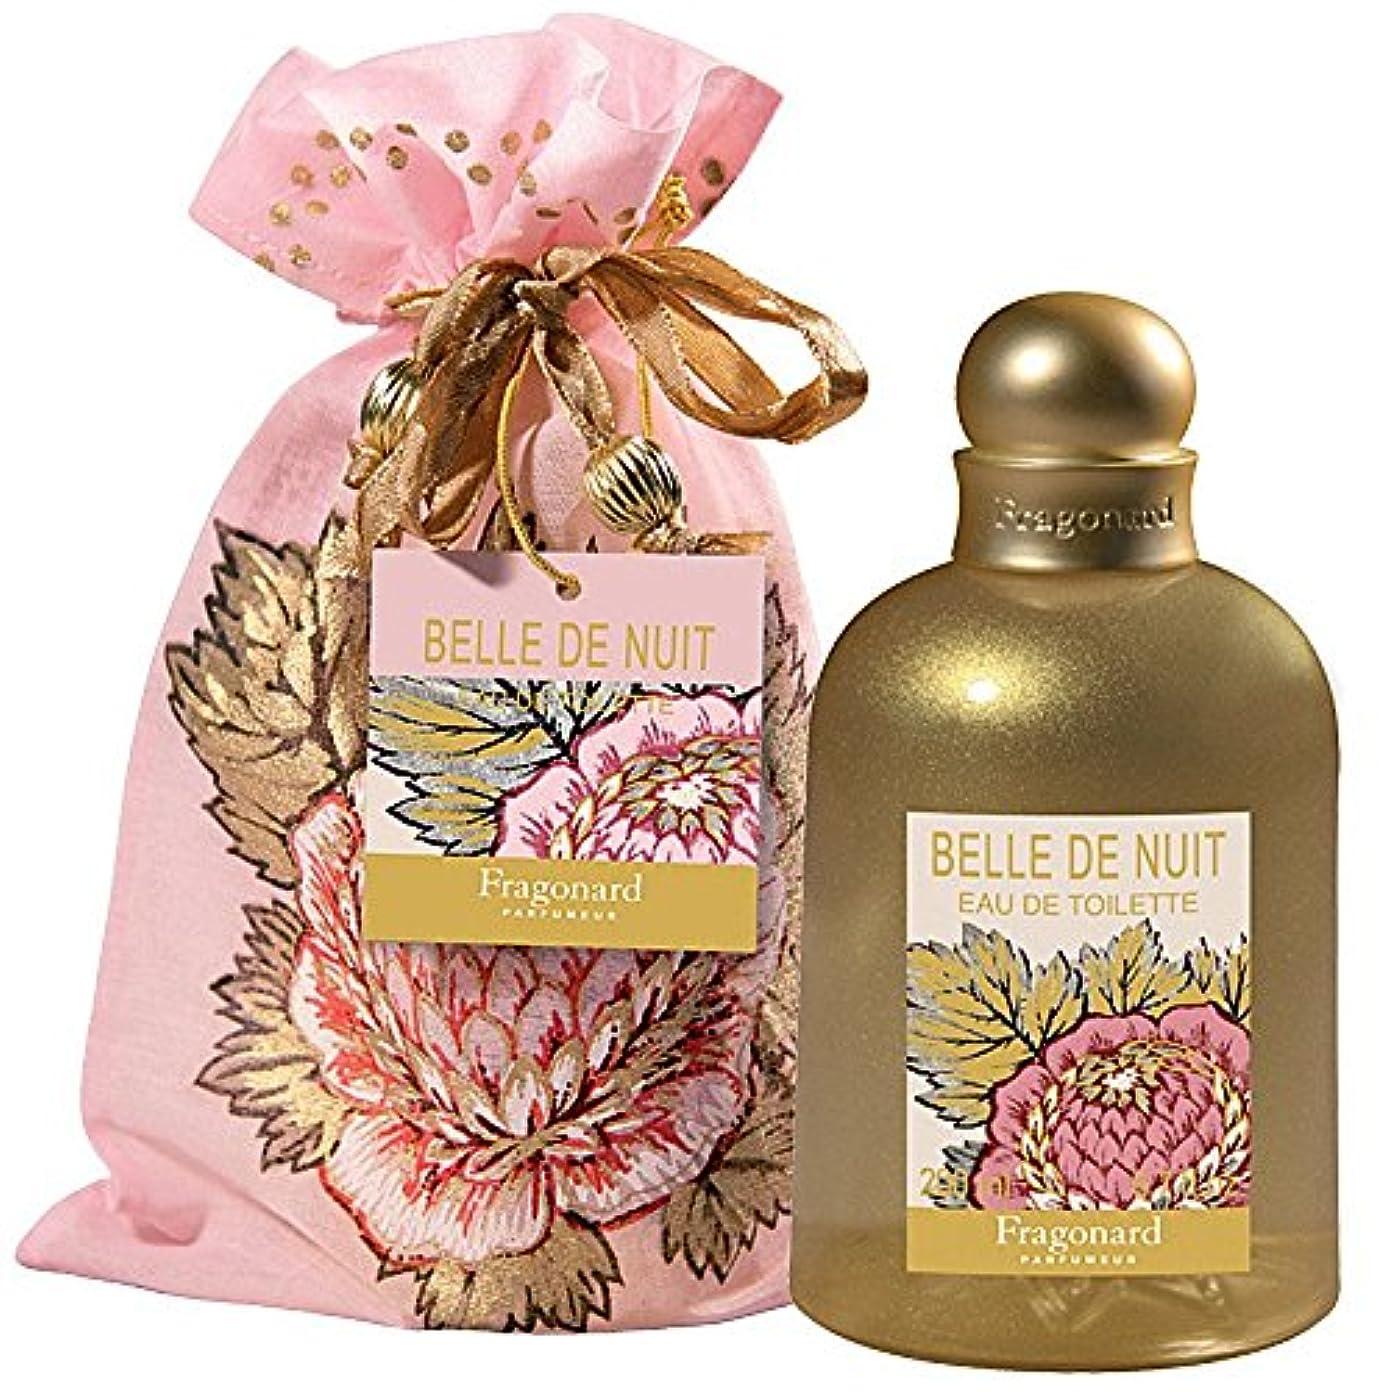 愛する展示会細いFragonard Belle de Nuit (フラゴナール ベル デ ニュイ) 6.8 oz (200ml) EDT Spray for Women